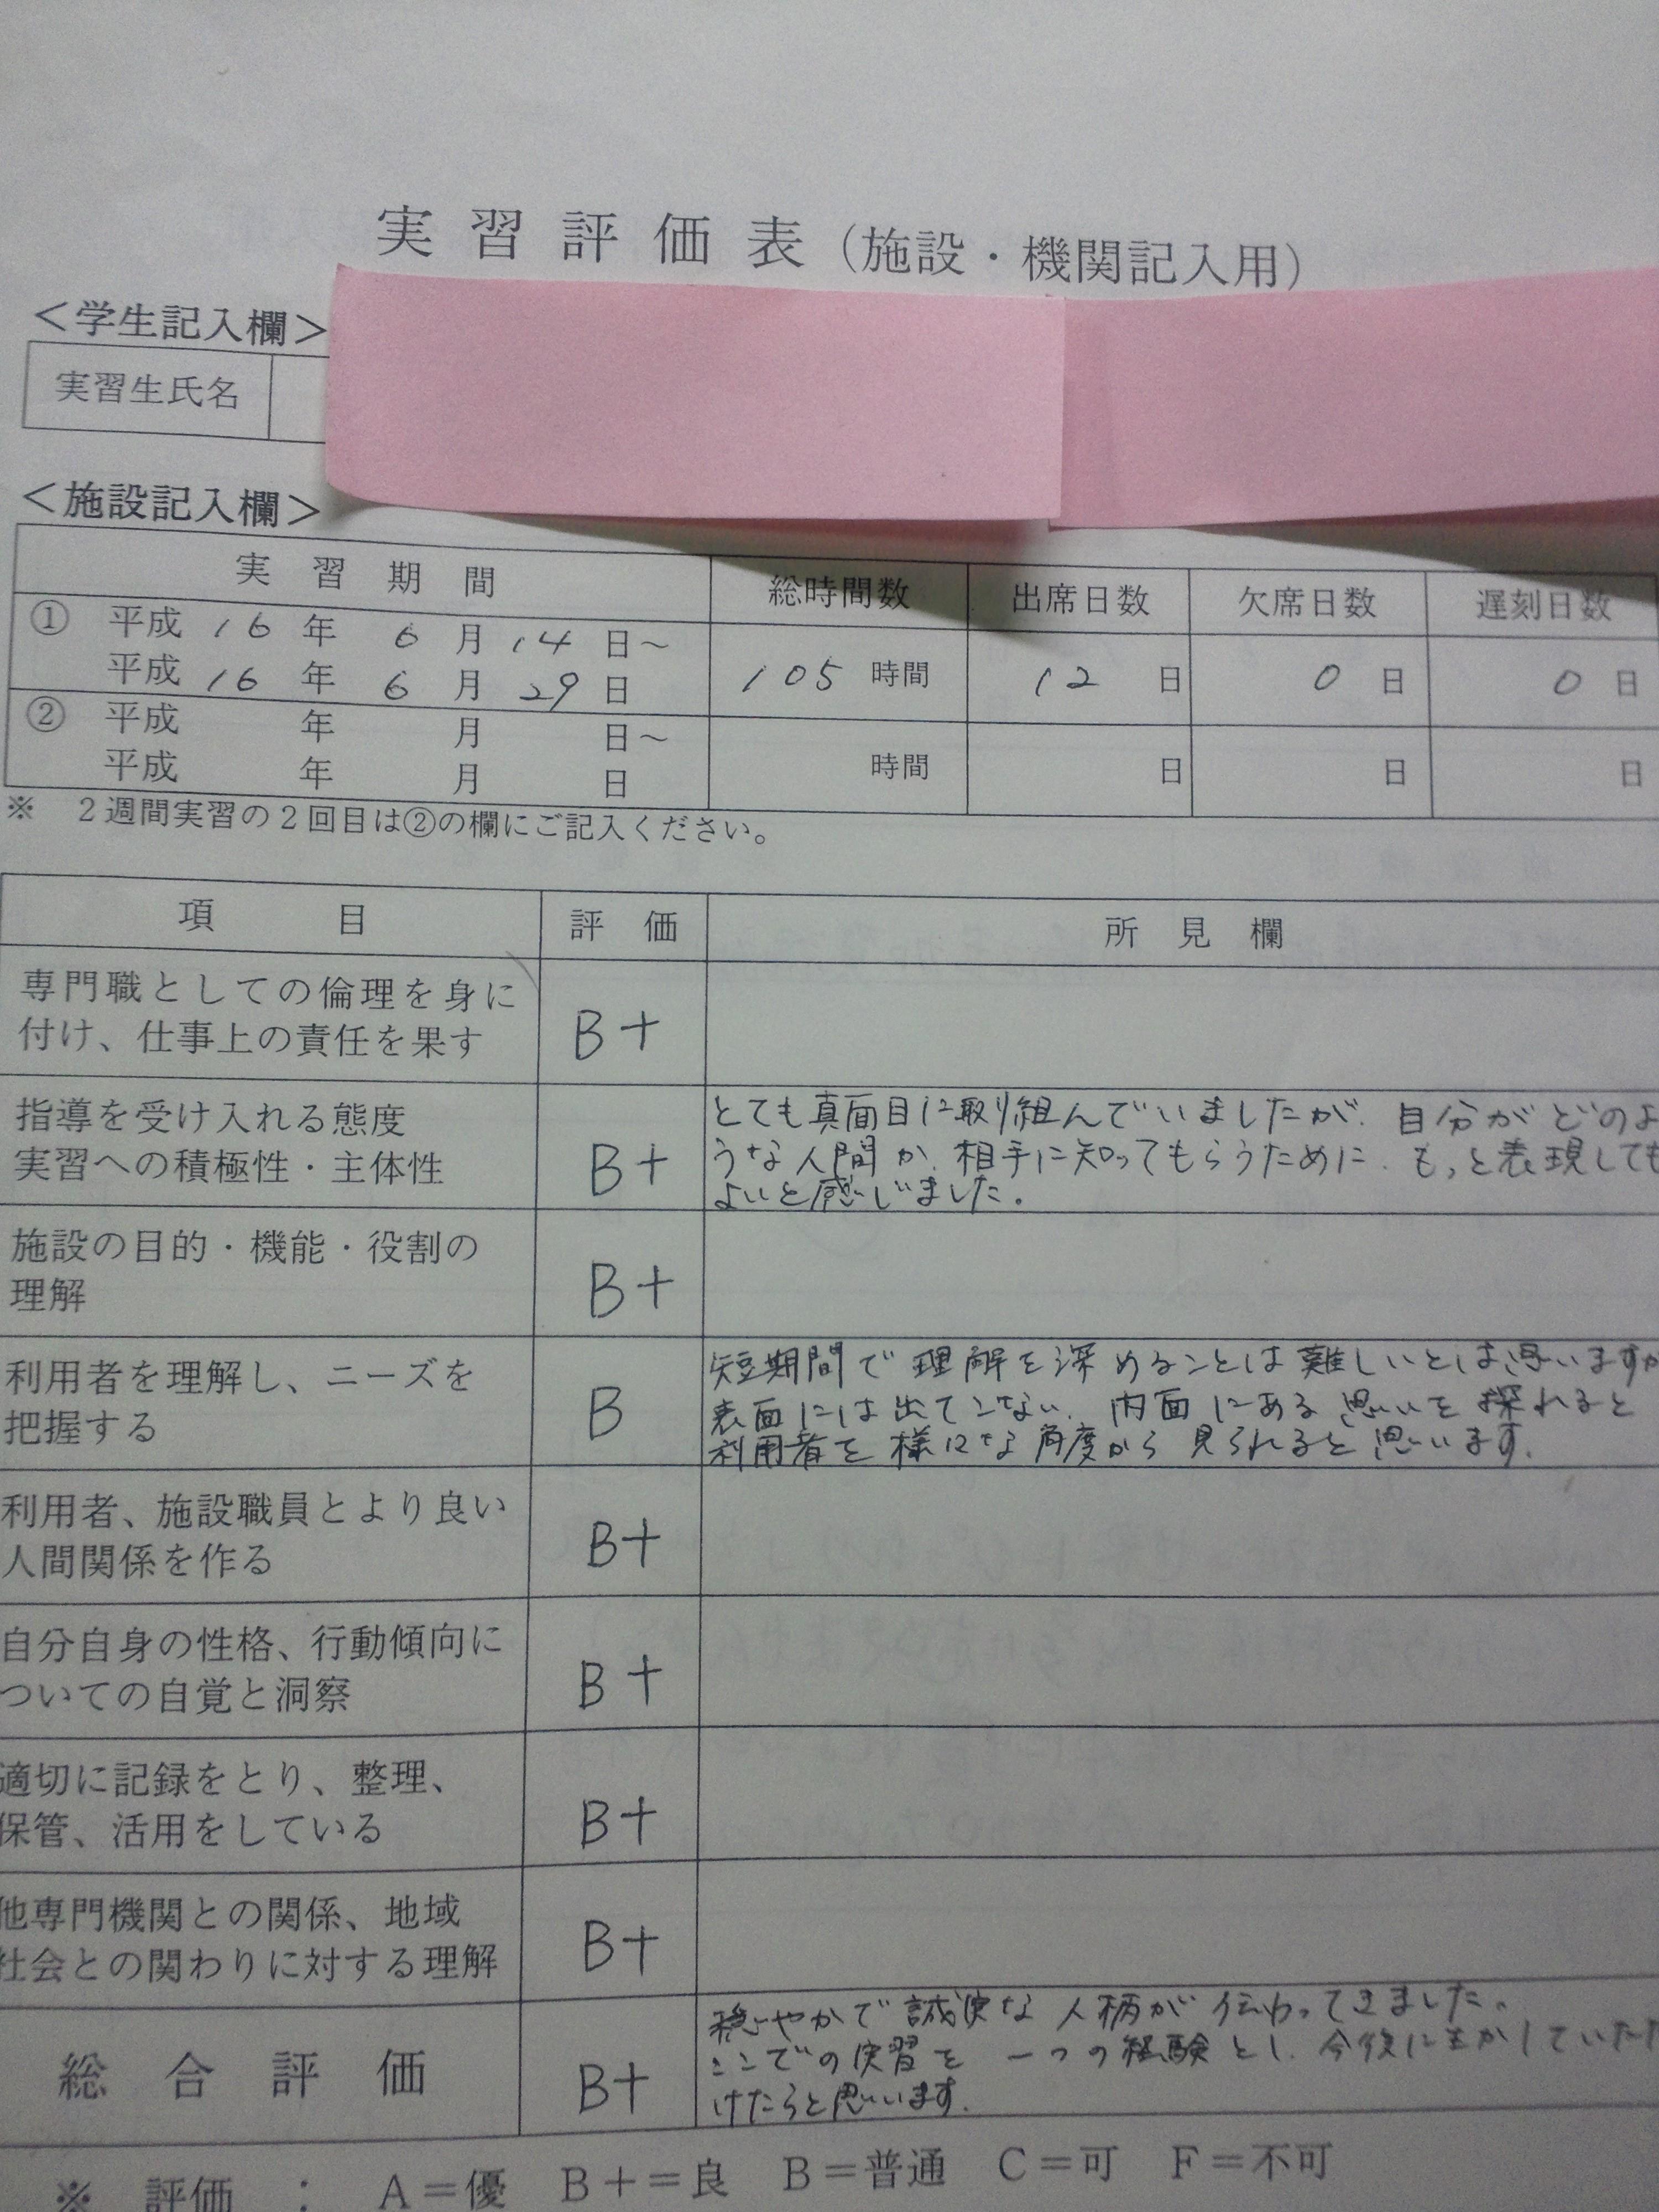 実習評価表